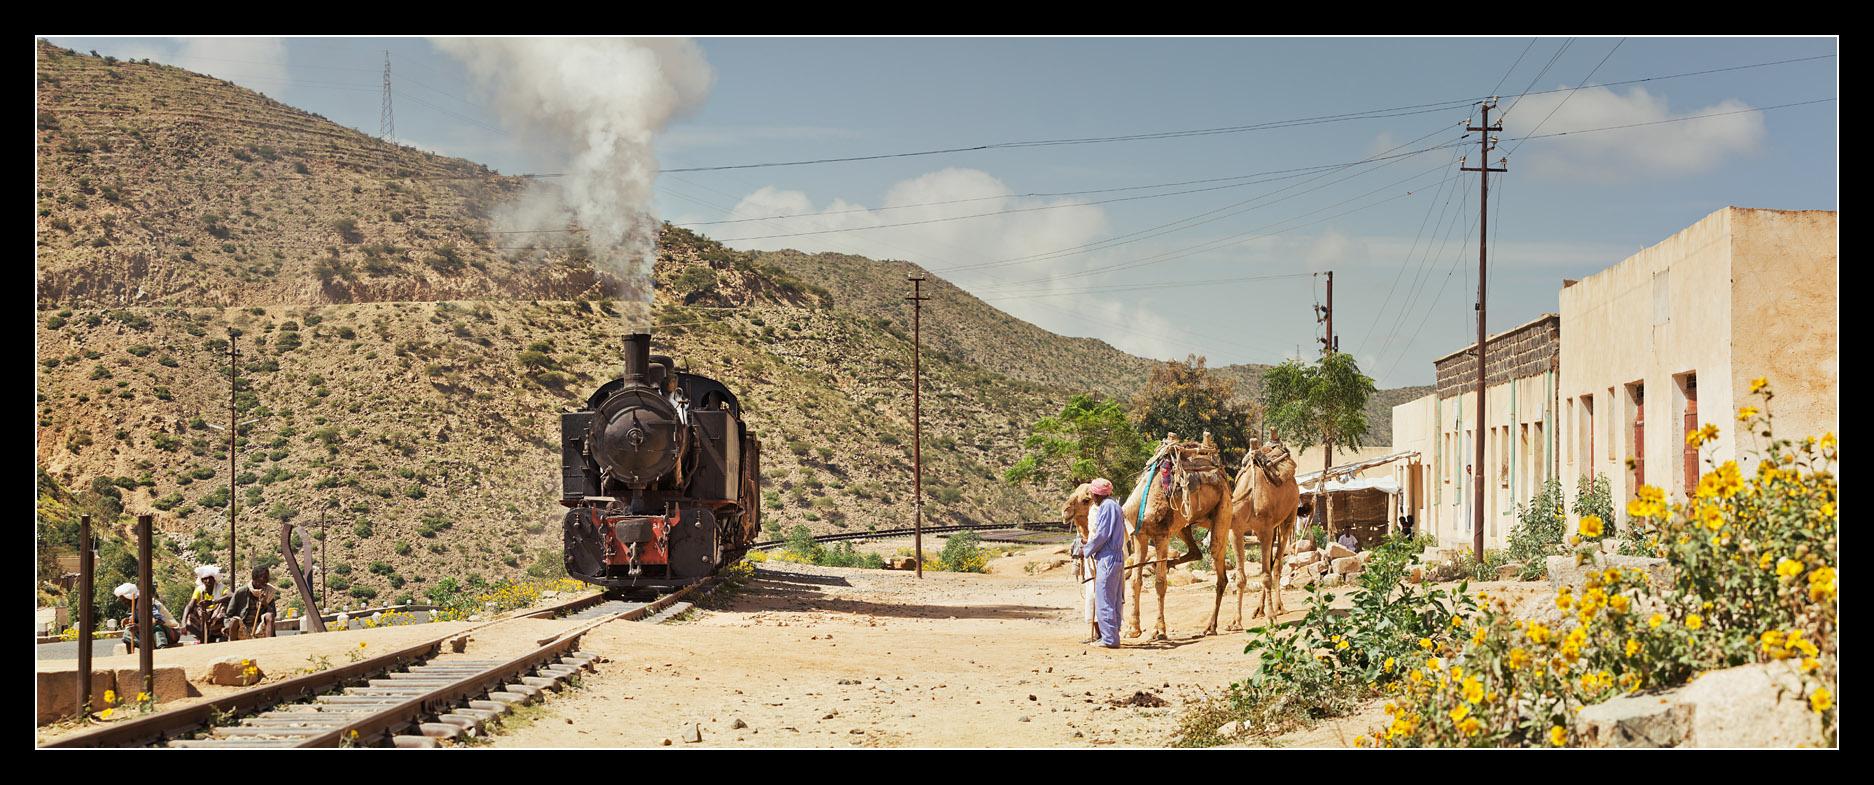 http://raildata.info/eritrea18/eri0737.jpg